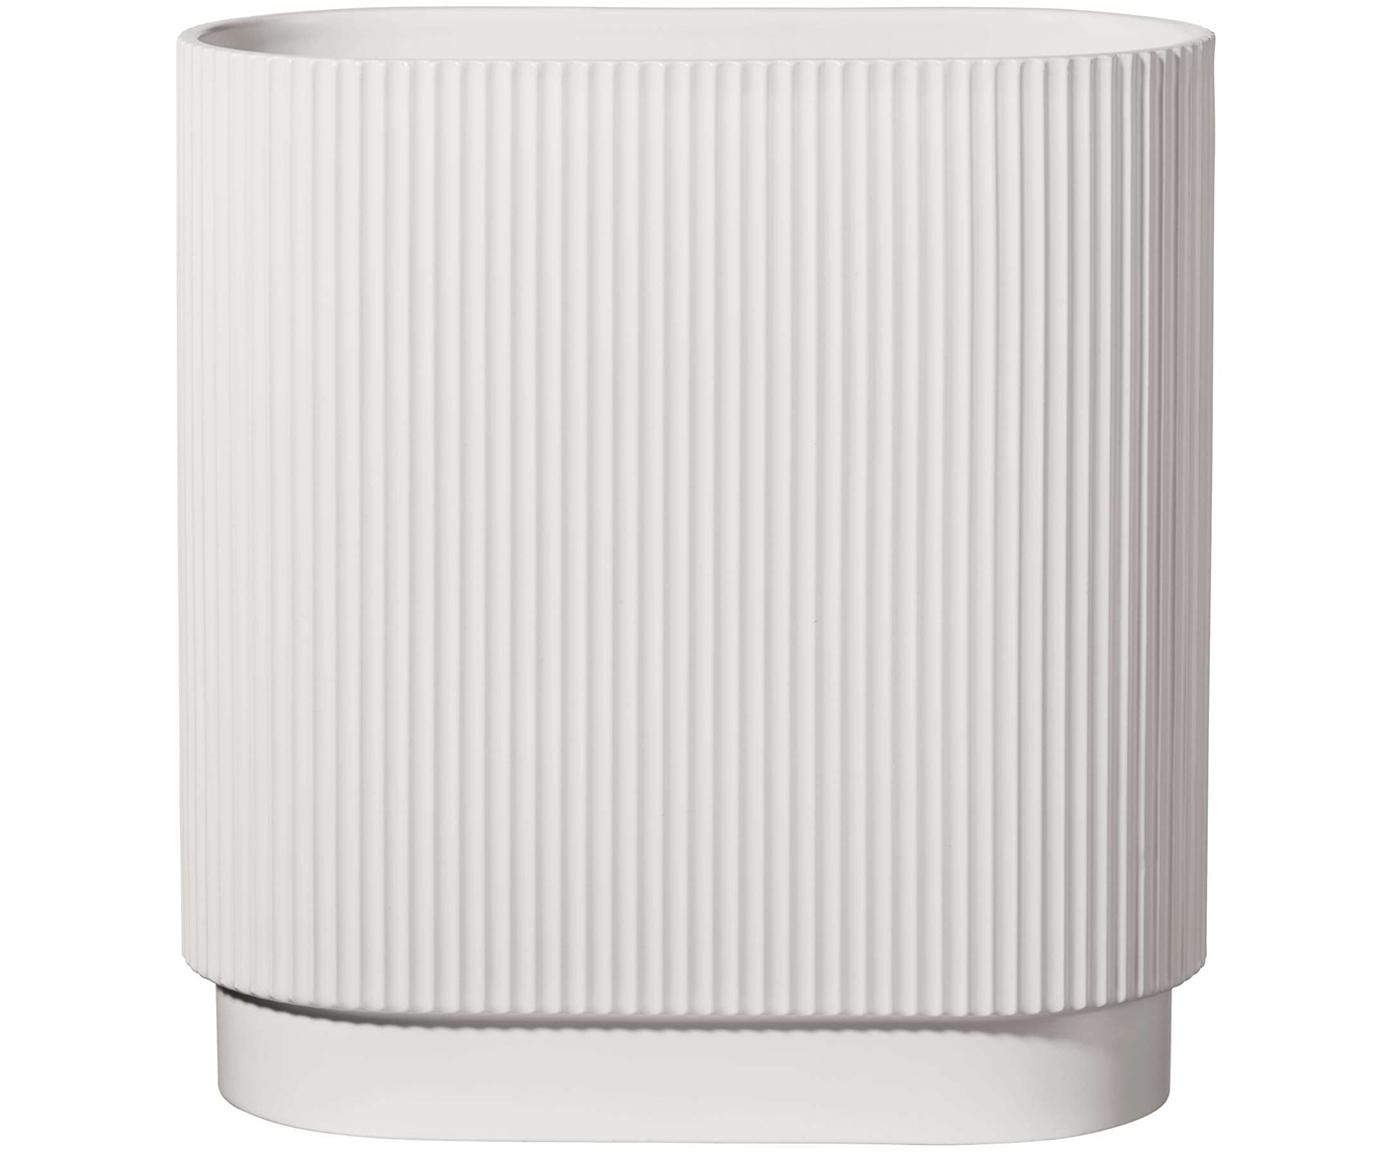 Große Vase Art Deco aus Porzellan, Porzellan, Weiß, 35 x 40 cm